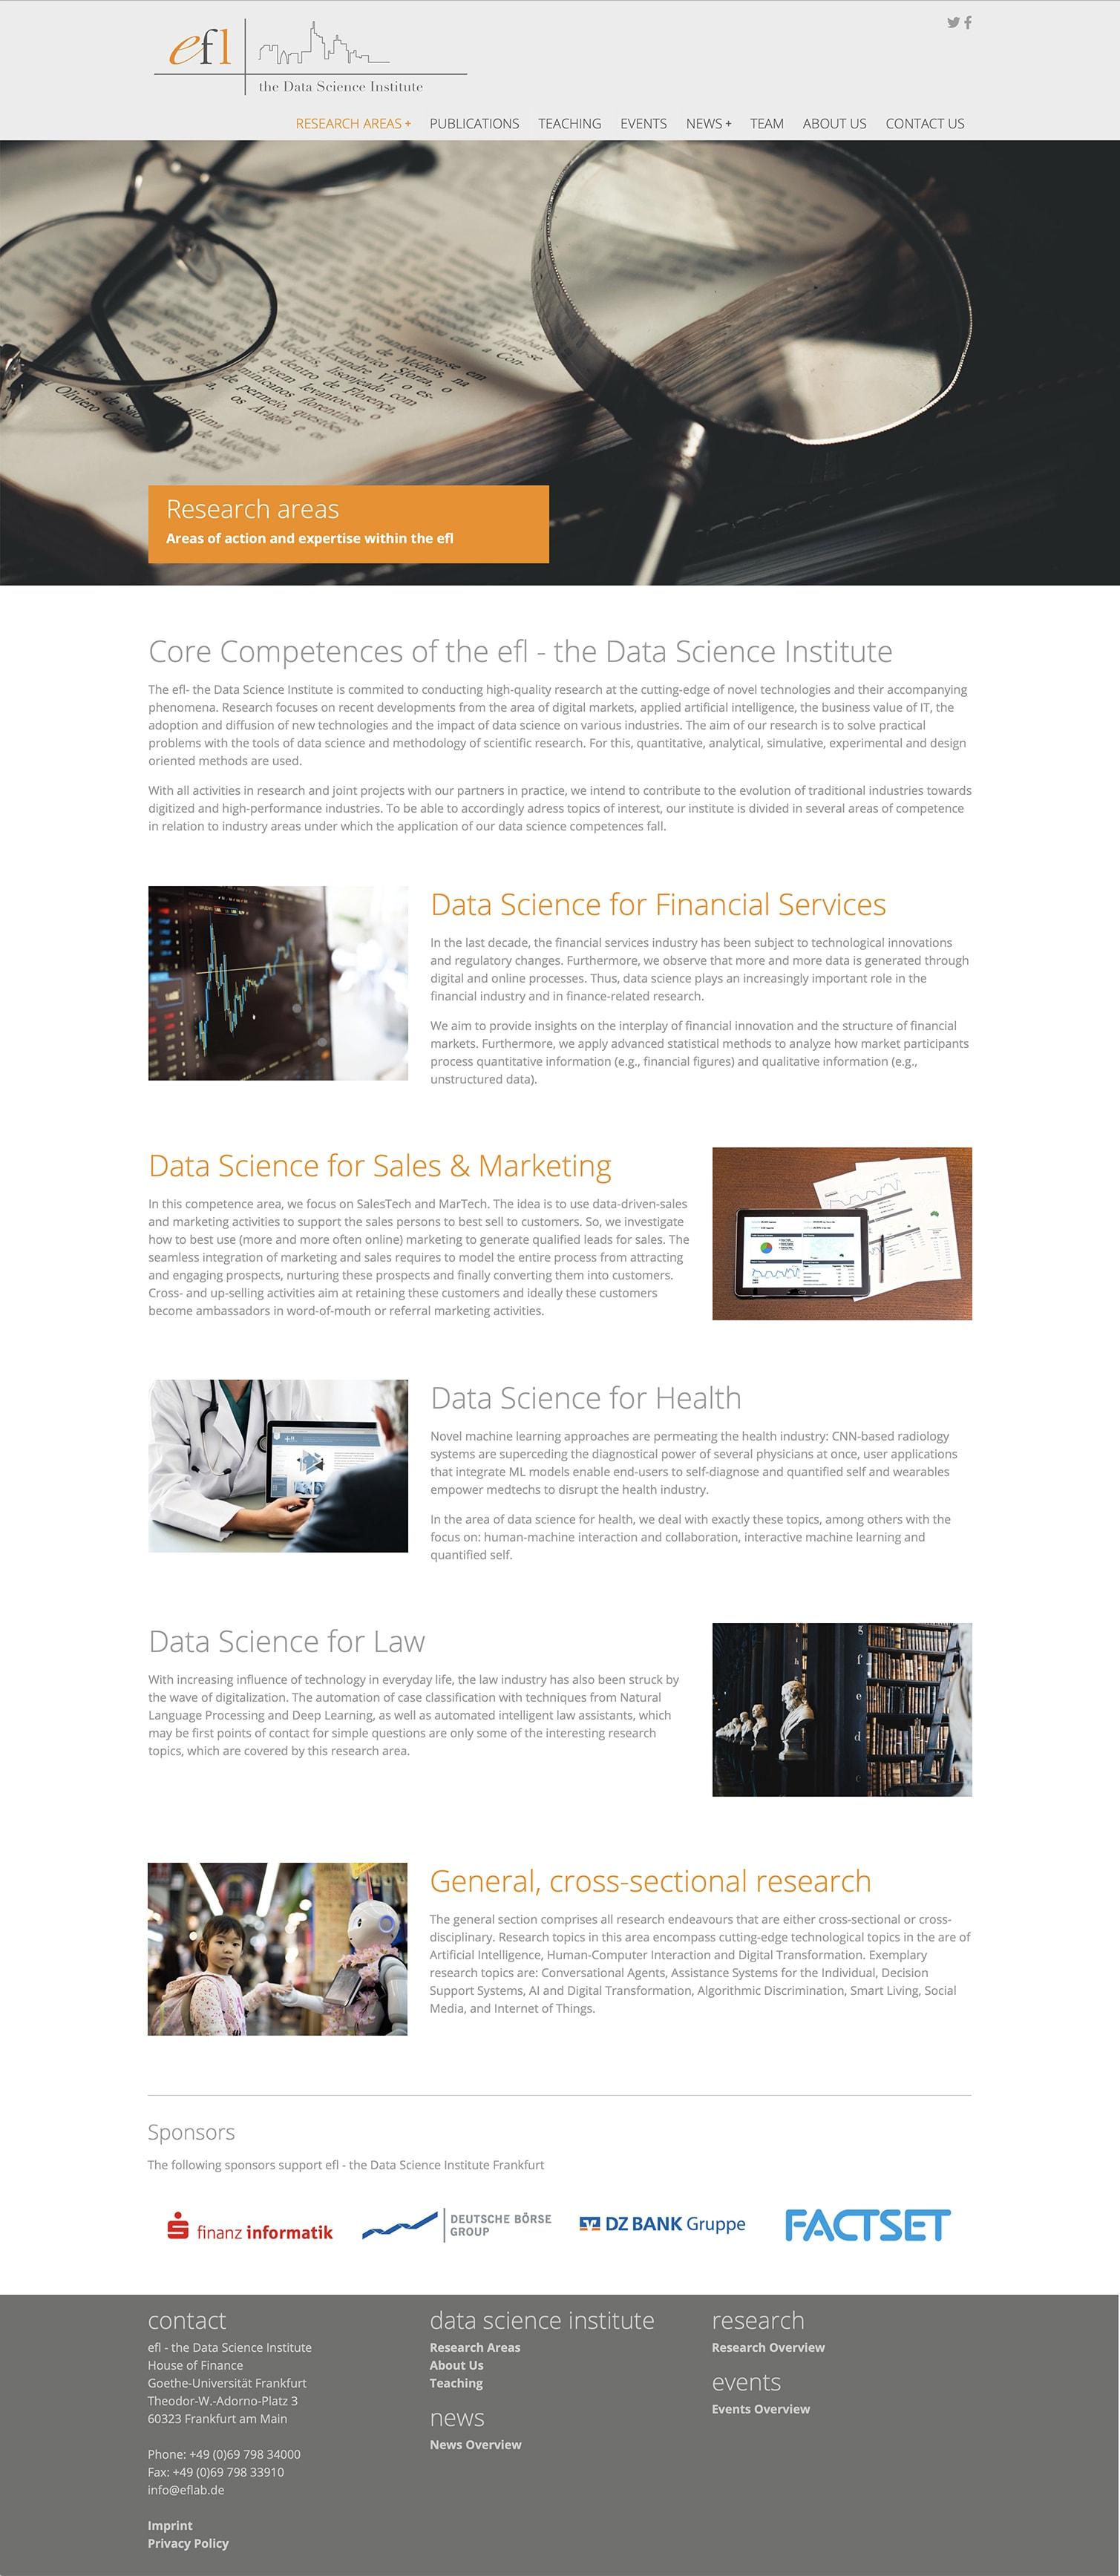 Entwicklung einer Typo3 Website für E-Finance Lab der Johann Wolfgang Goethe-Universität Frankfurt Research Area